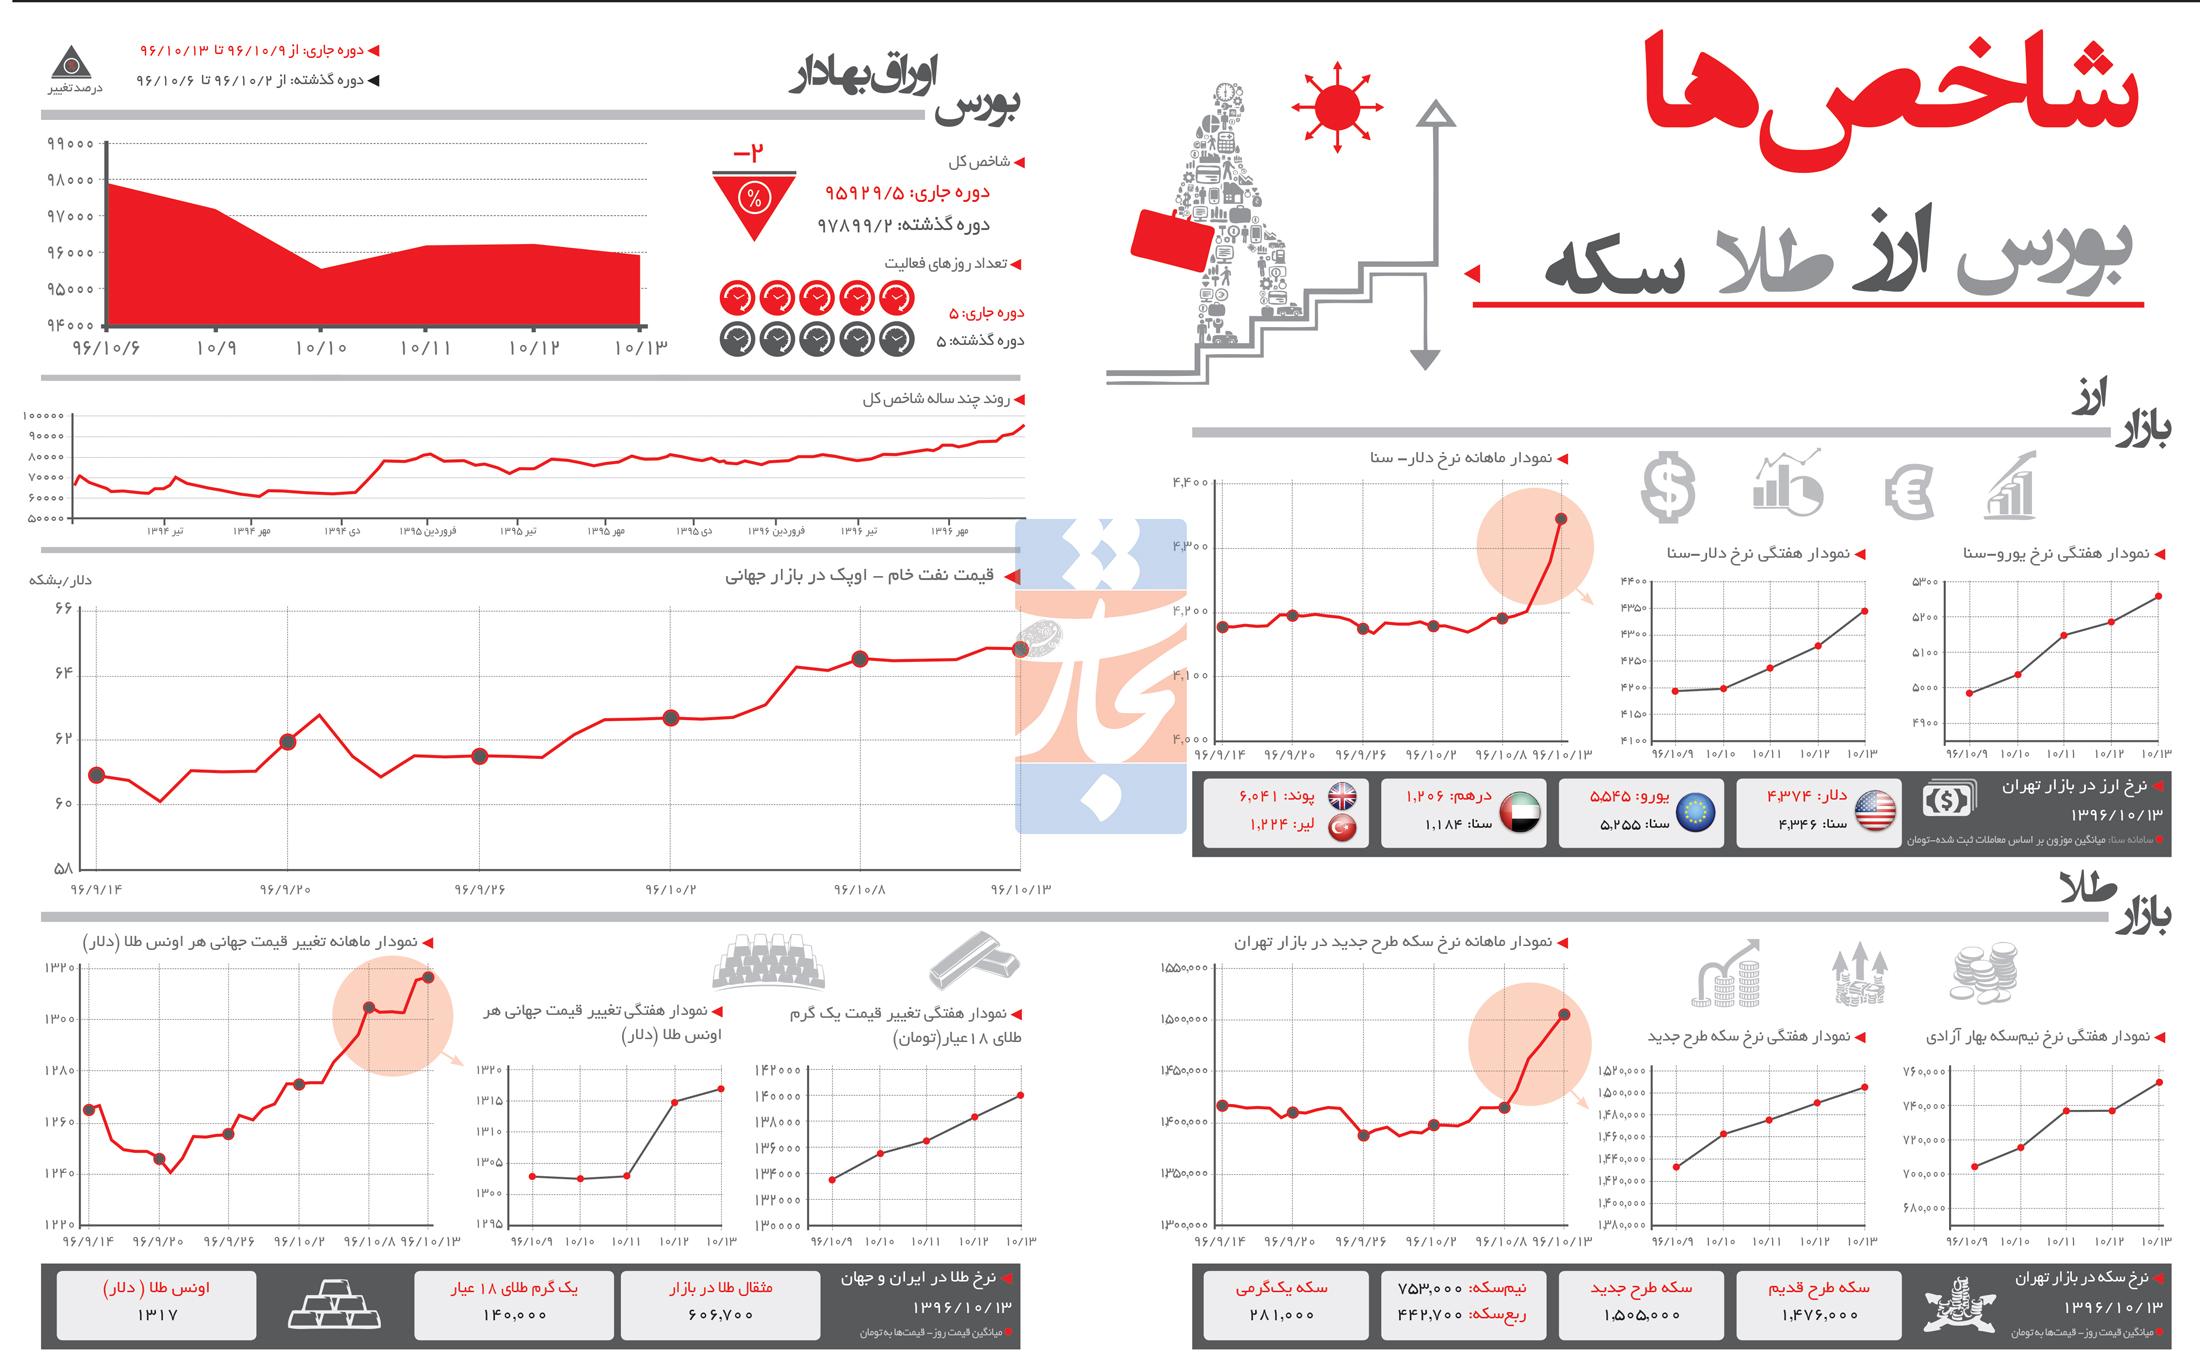 تجارت فردا- اینفوگرافیک- شاخصهای اقتصادی (253)